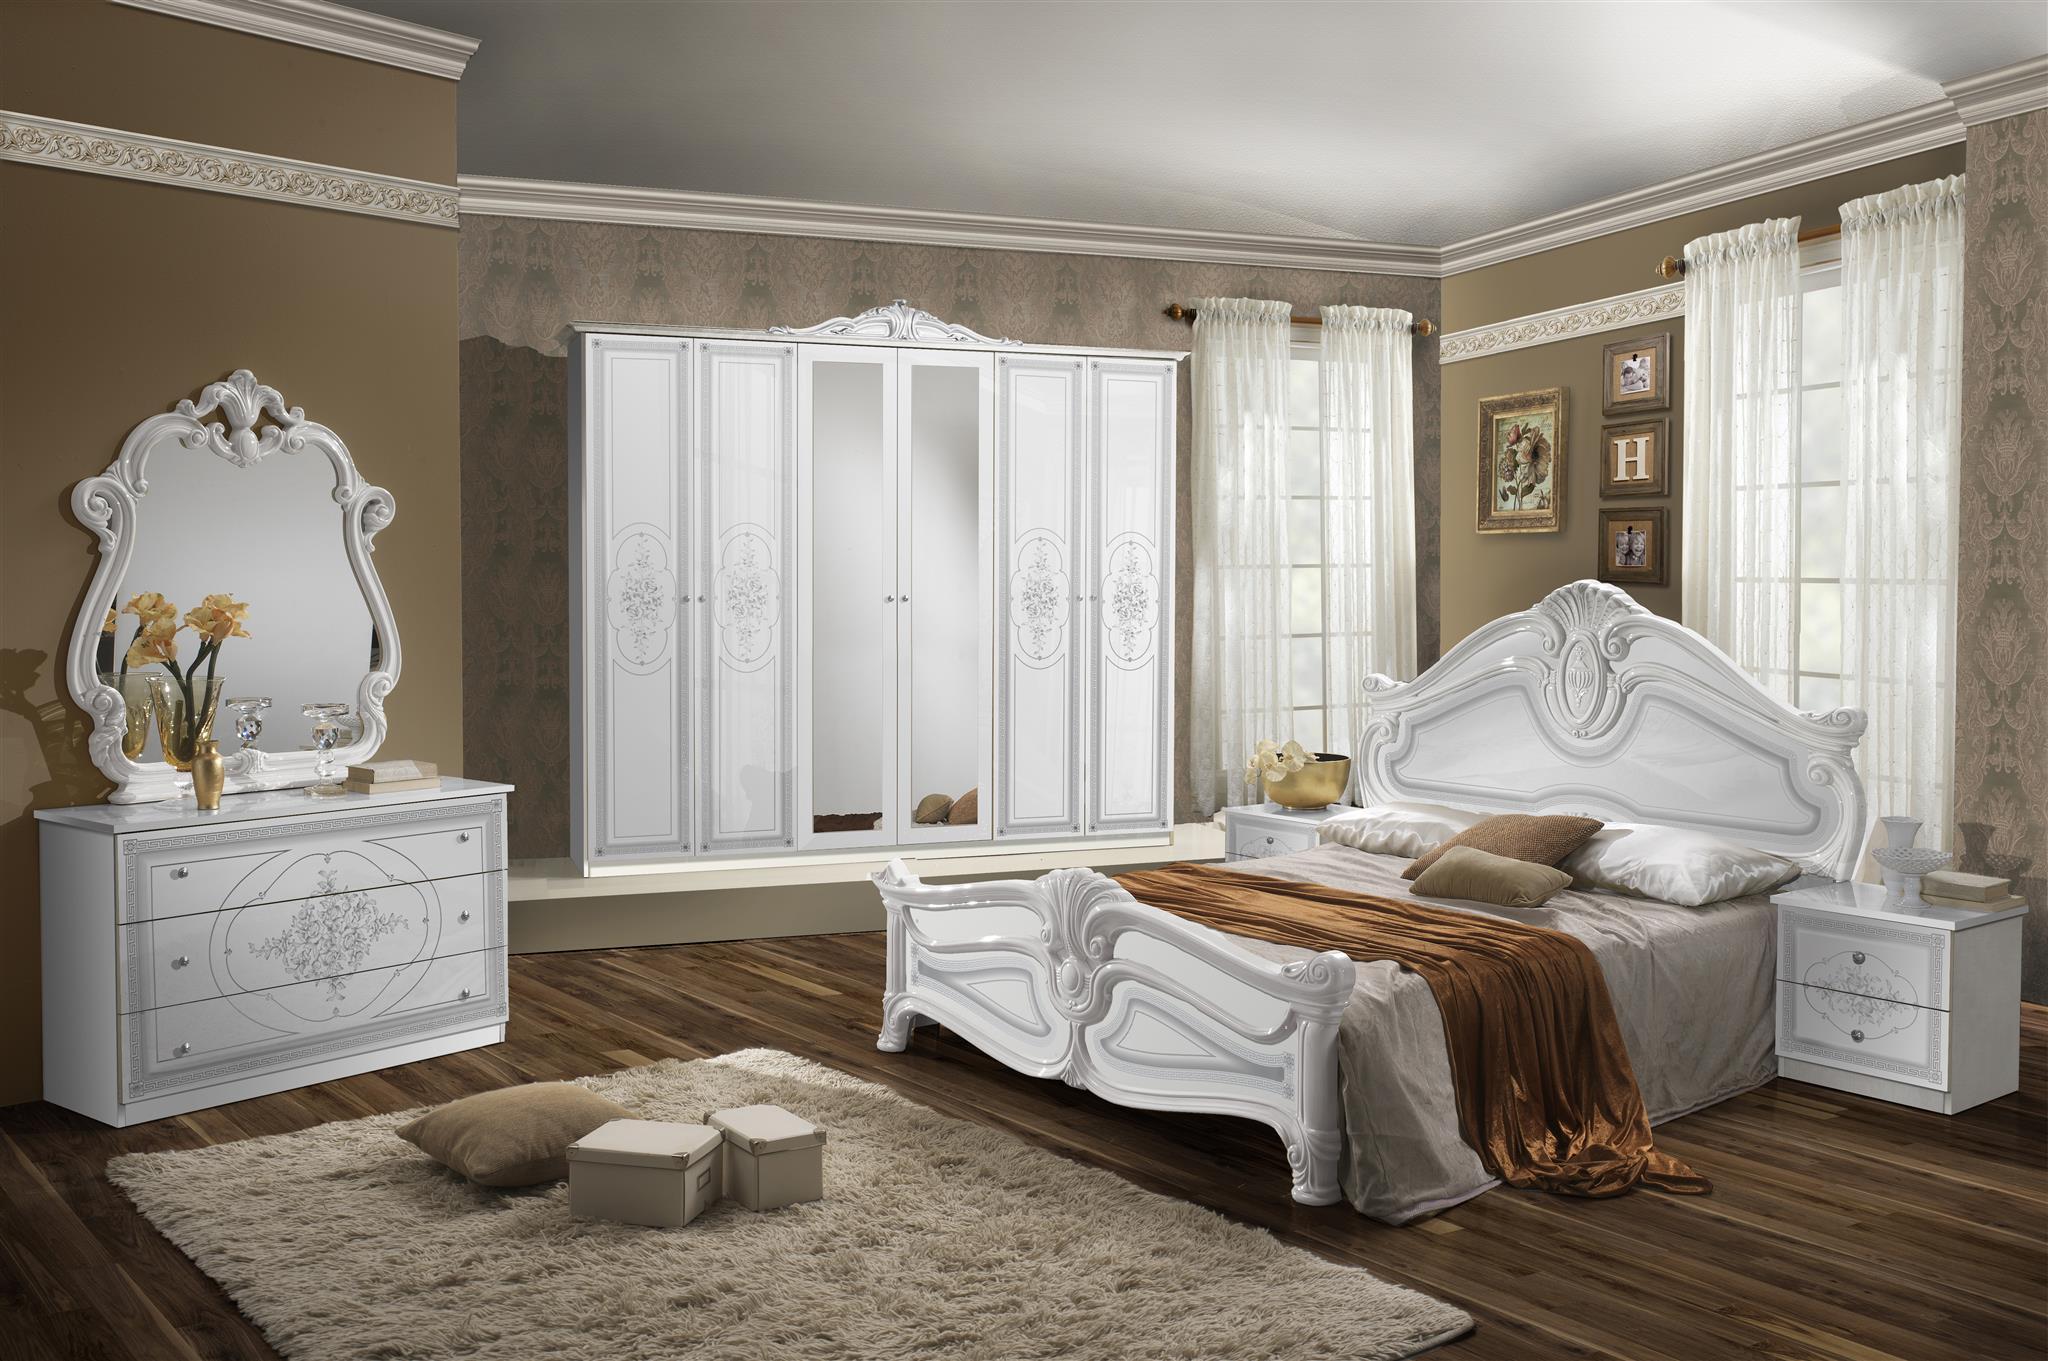 Schlafzimmer Amalia In Weiß Klassisch Design